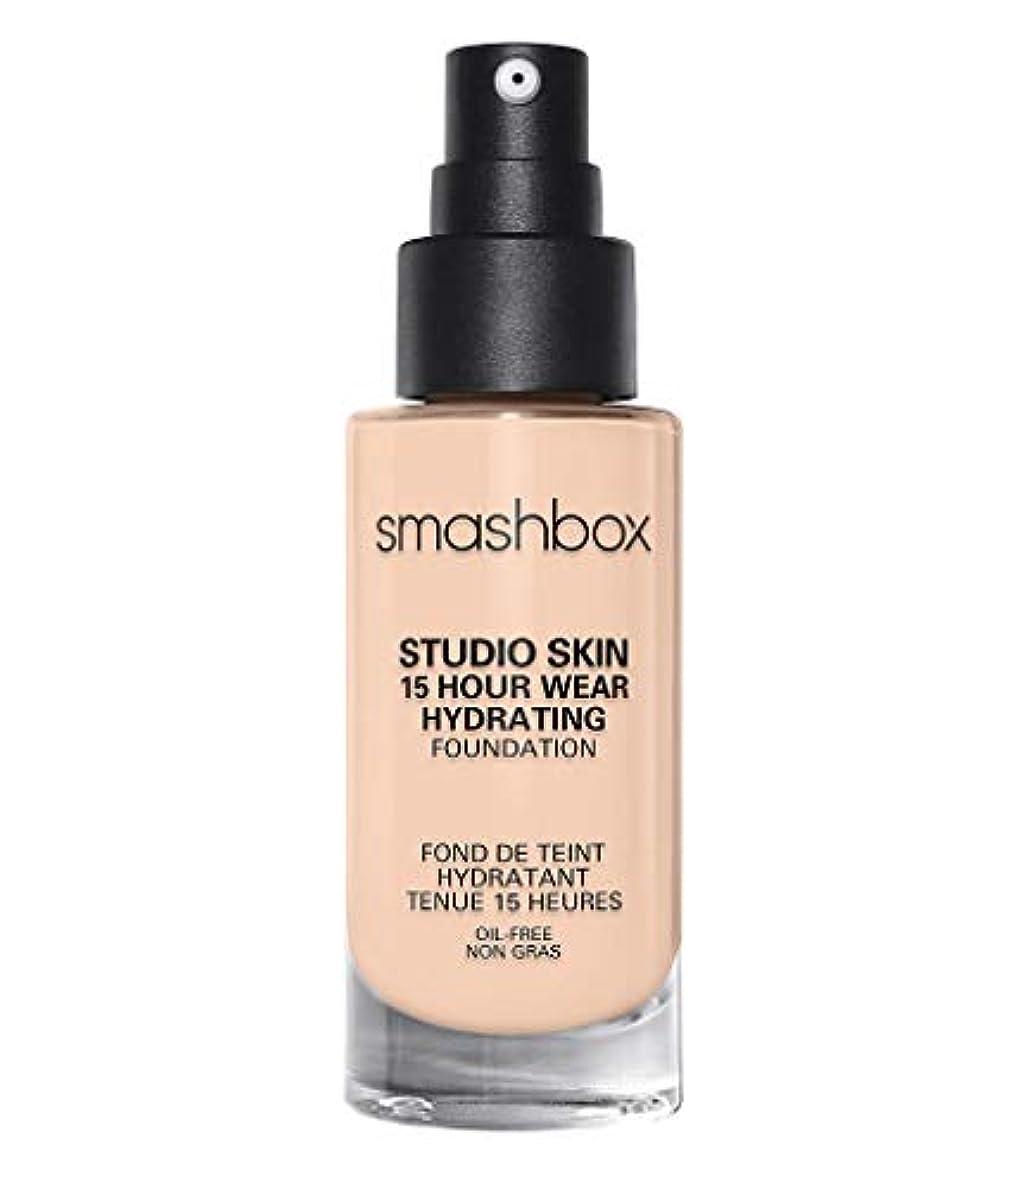 以来飲み込む裸スマッシュボックス Studio Skin 15 Hour Wear Hydrating Foundation - # 0.3 Fair With Neutral Undertone 30ml/1oz並行輸入品